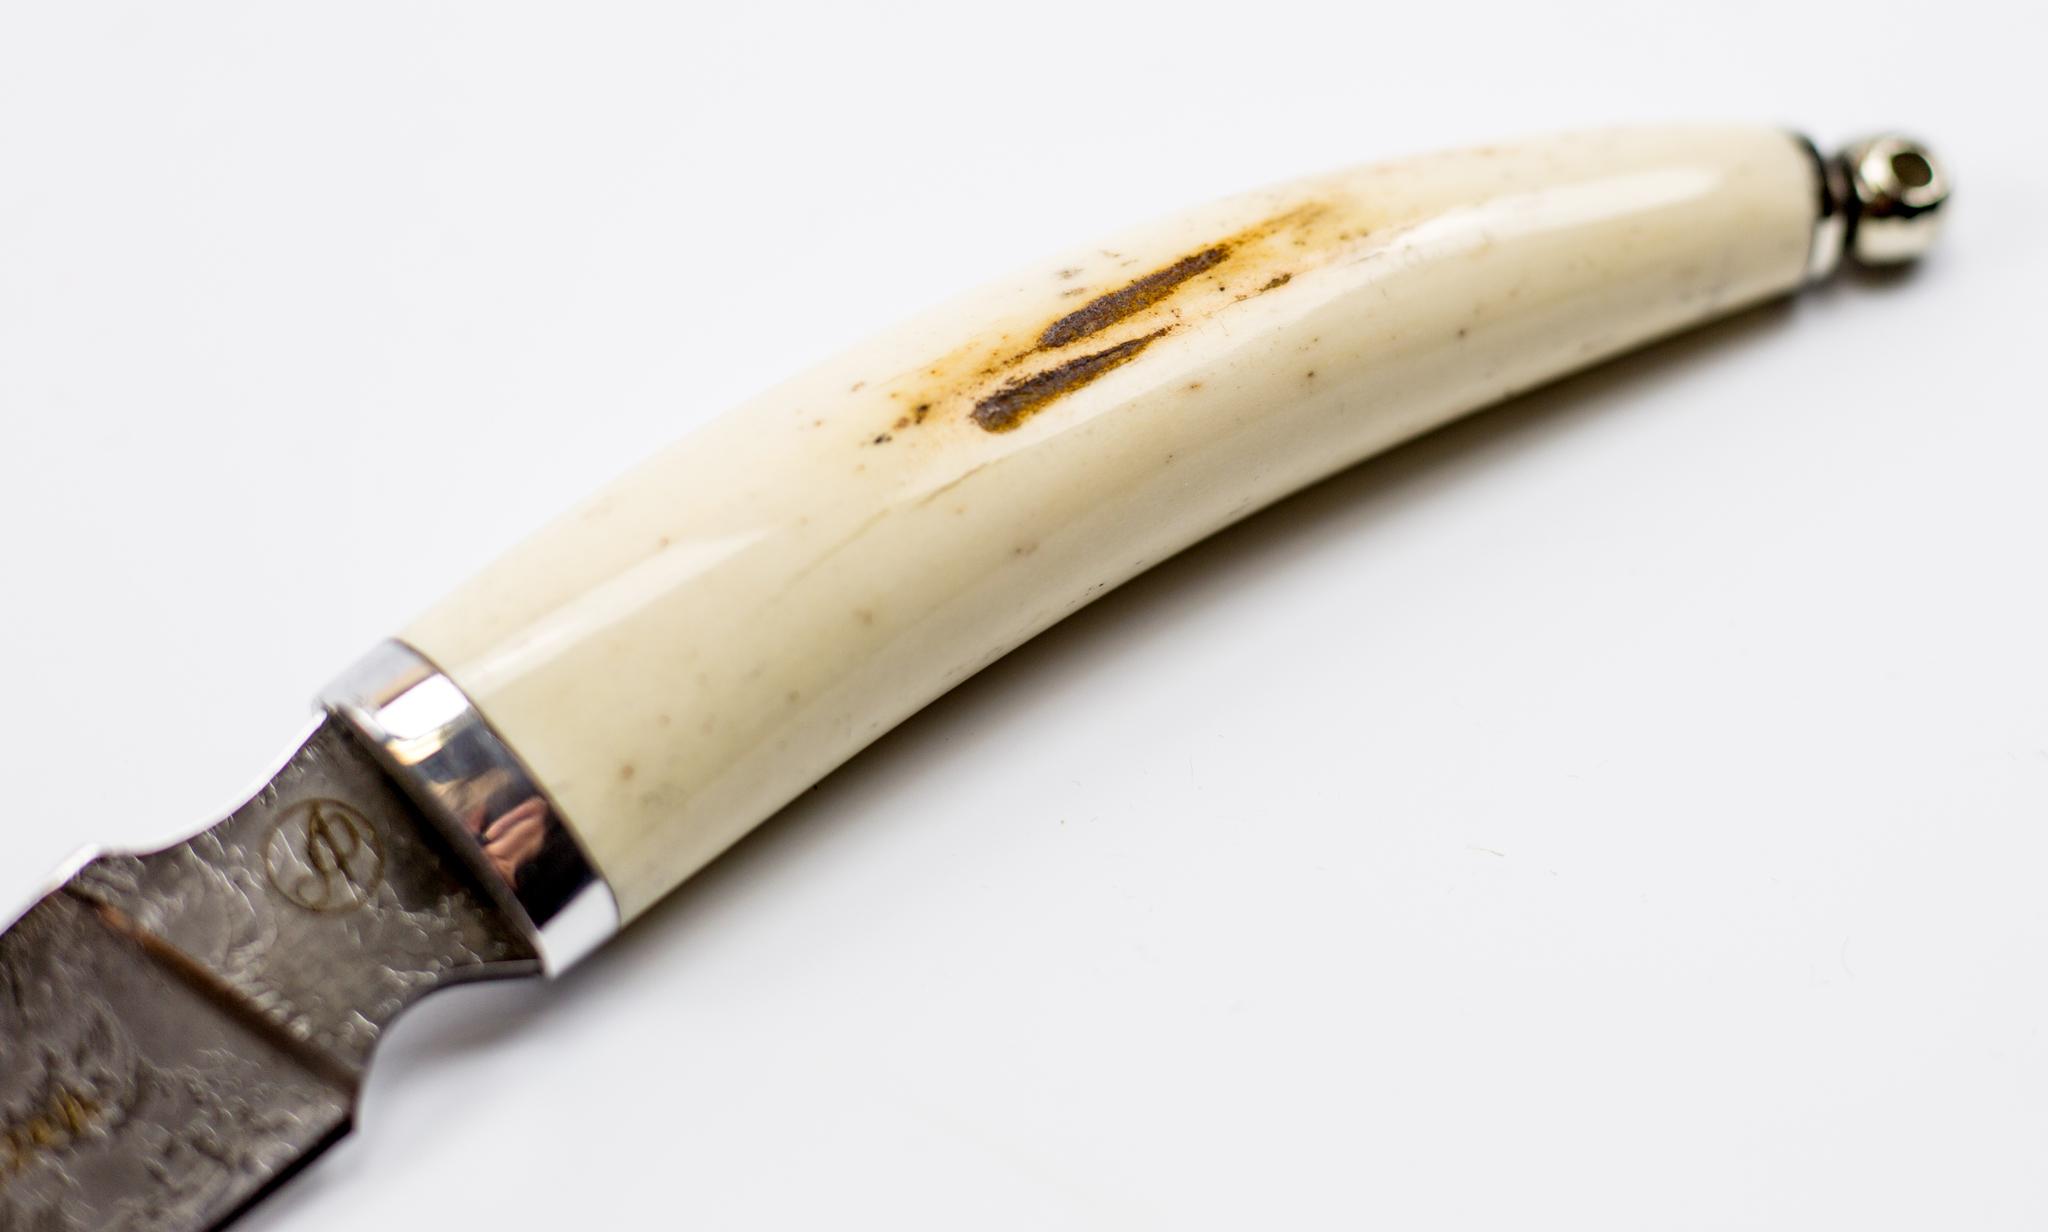 Фото 2 - Нож Рысь малютка, сталь Х12МФ, рог лося от Ножи Фурсач